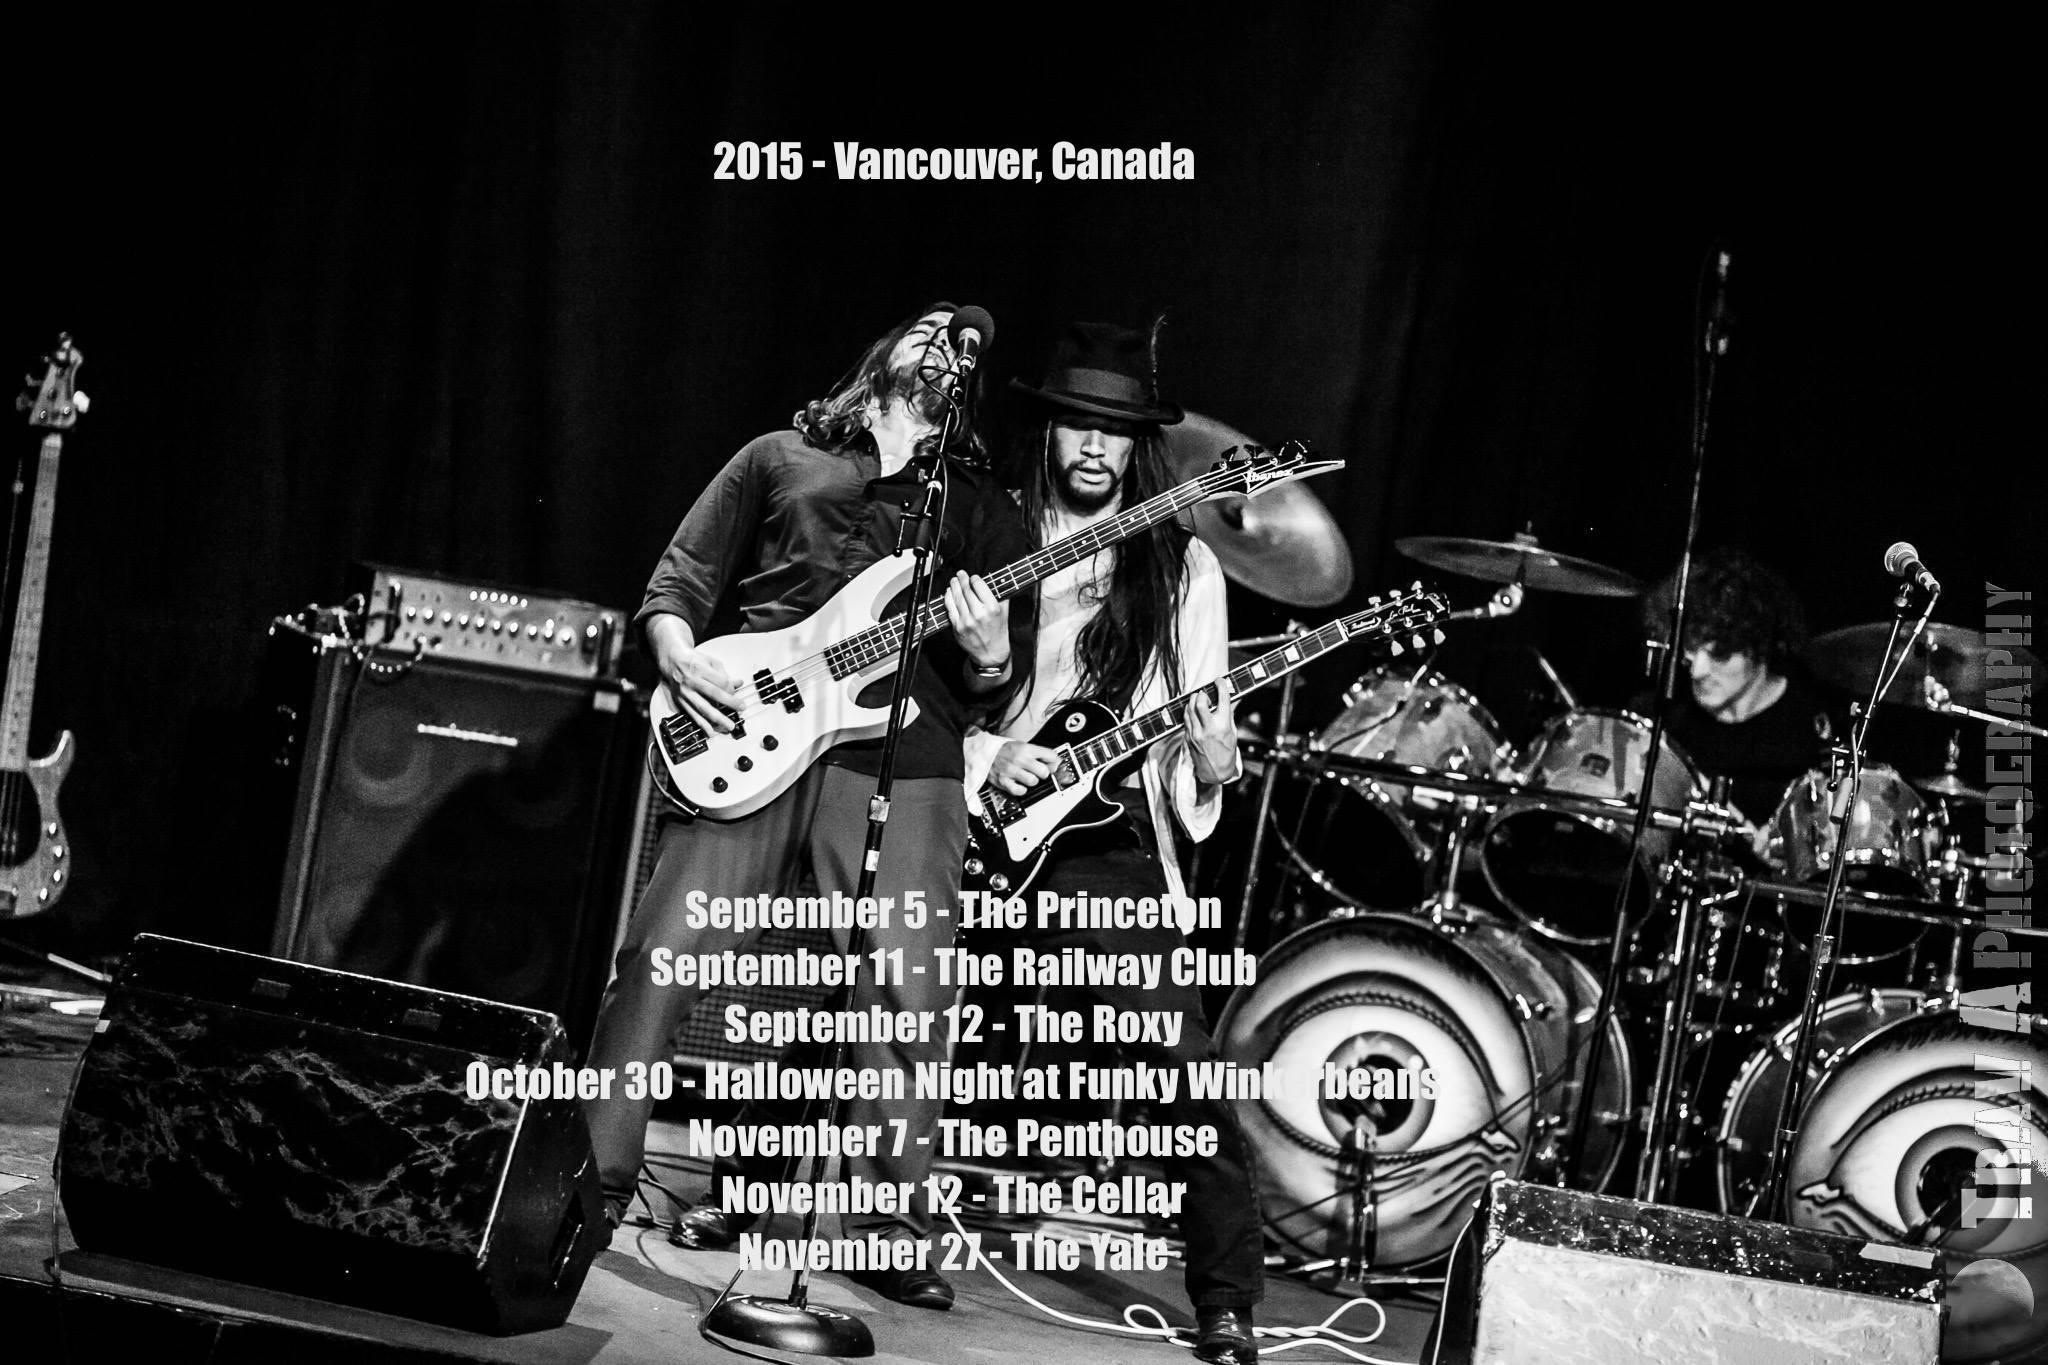 2015 - Vancouver, Canada